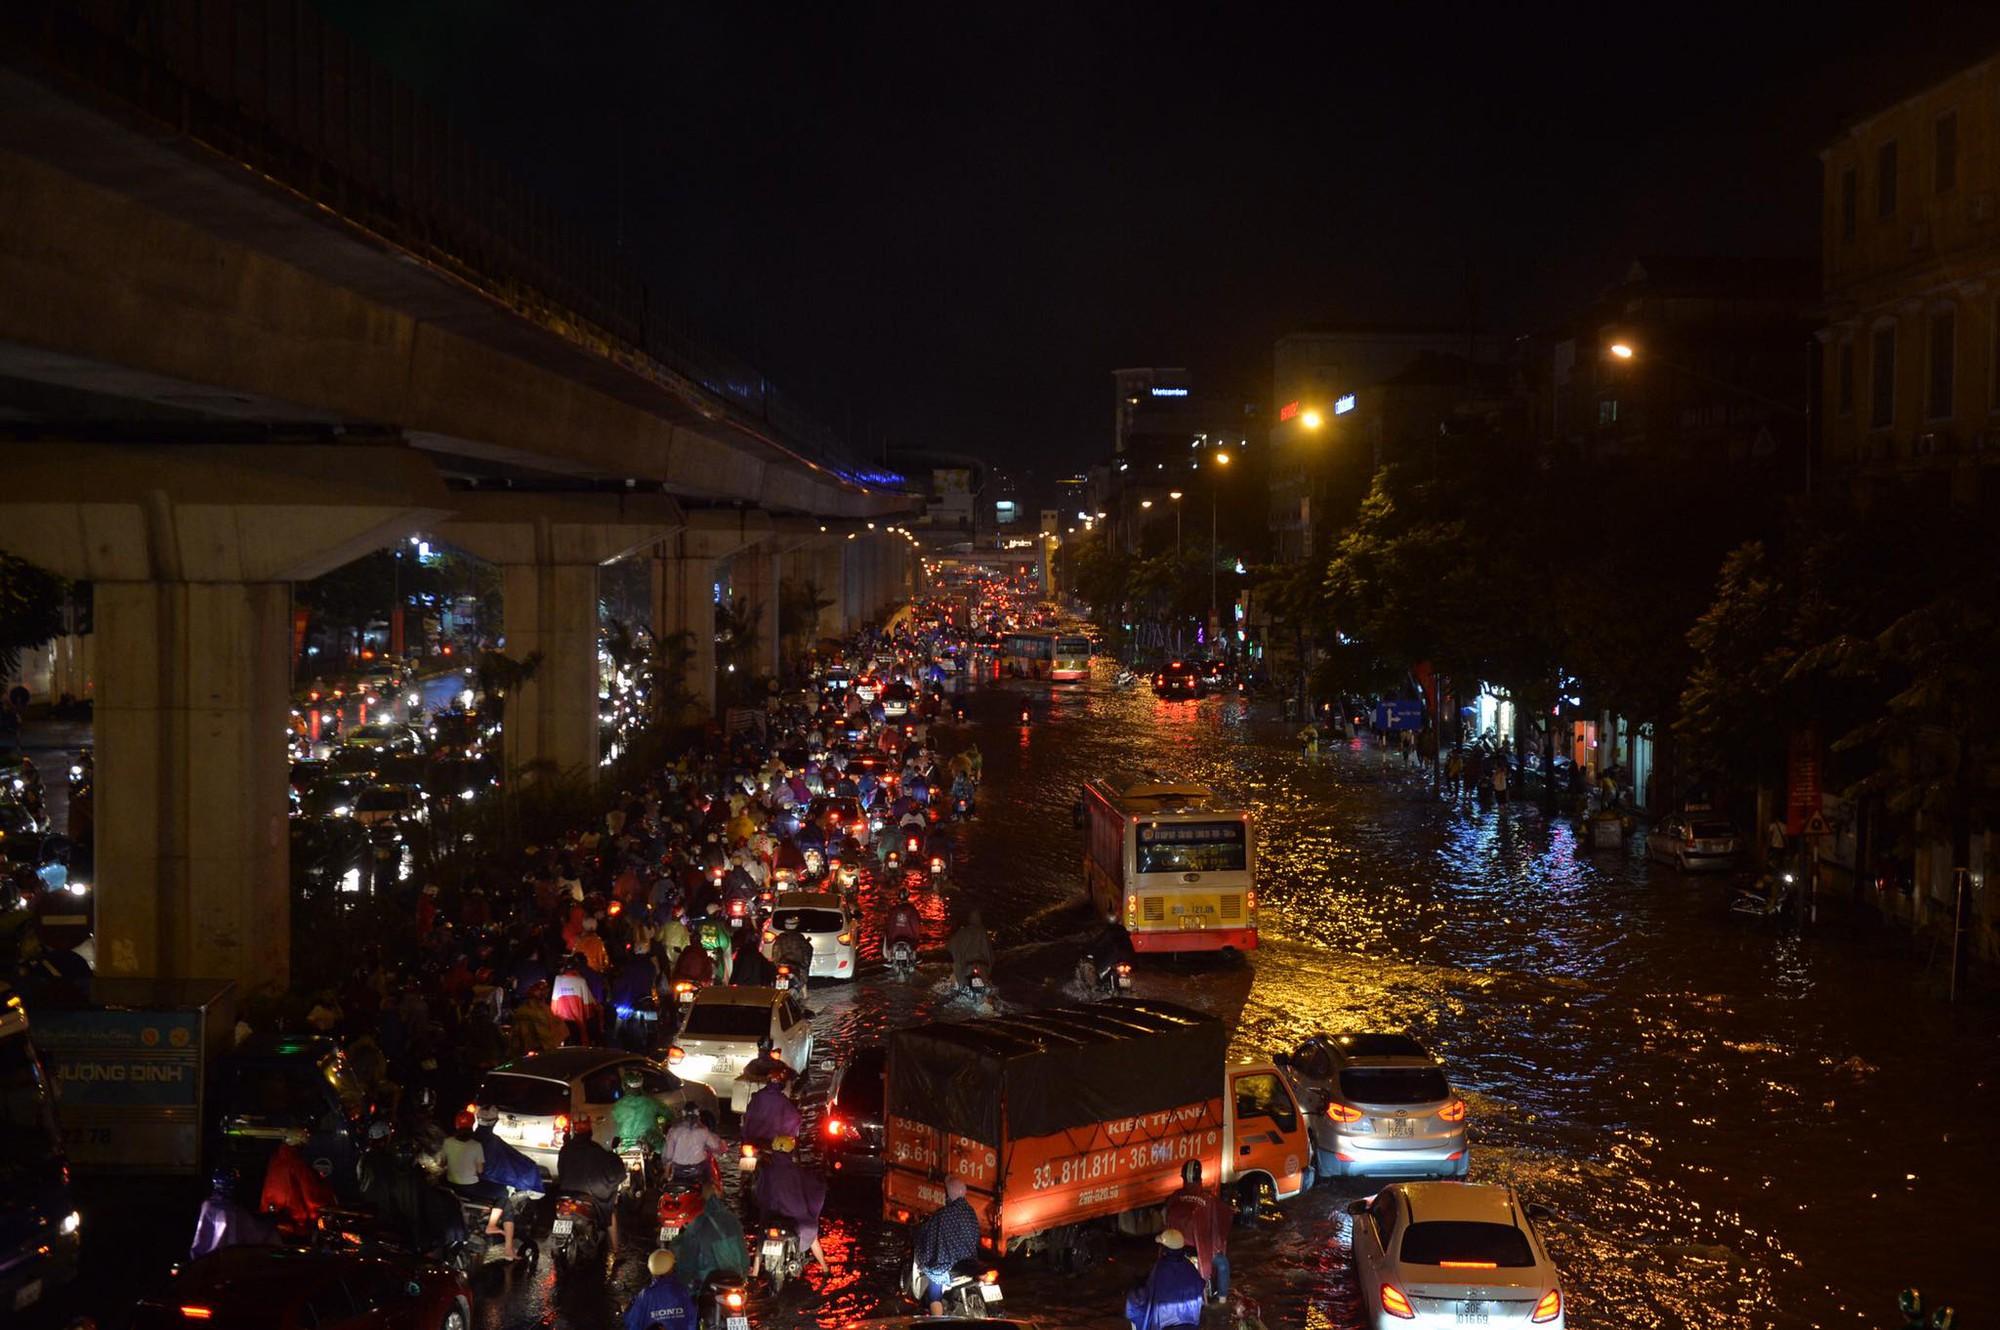 Đang ngập hàng loạt tuyến phố ở Hà Nội, giao thông tắc nghẽn kinh hoàng suốt nhiều giờ 18